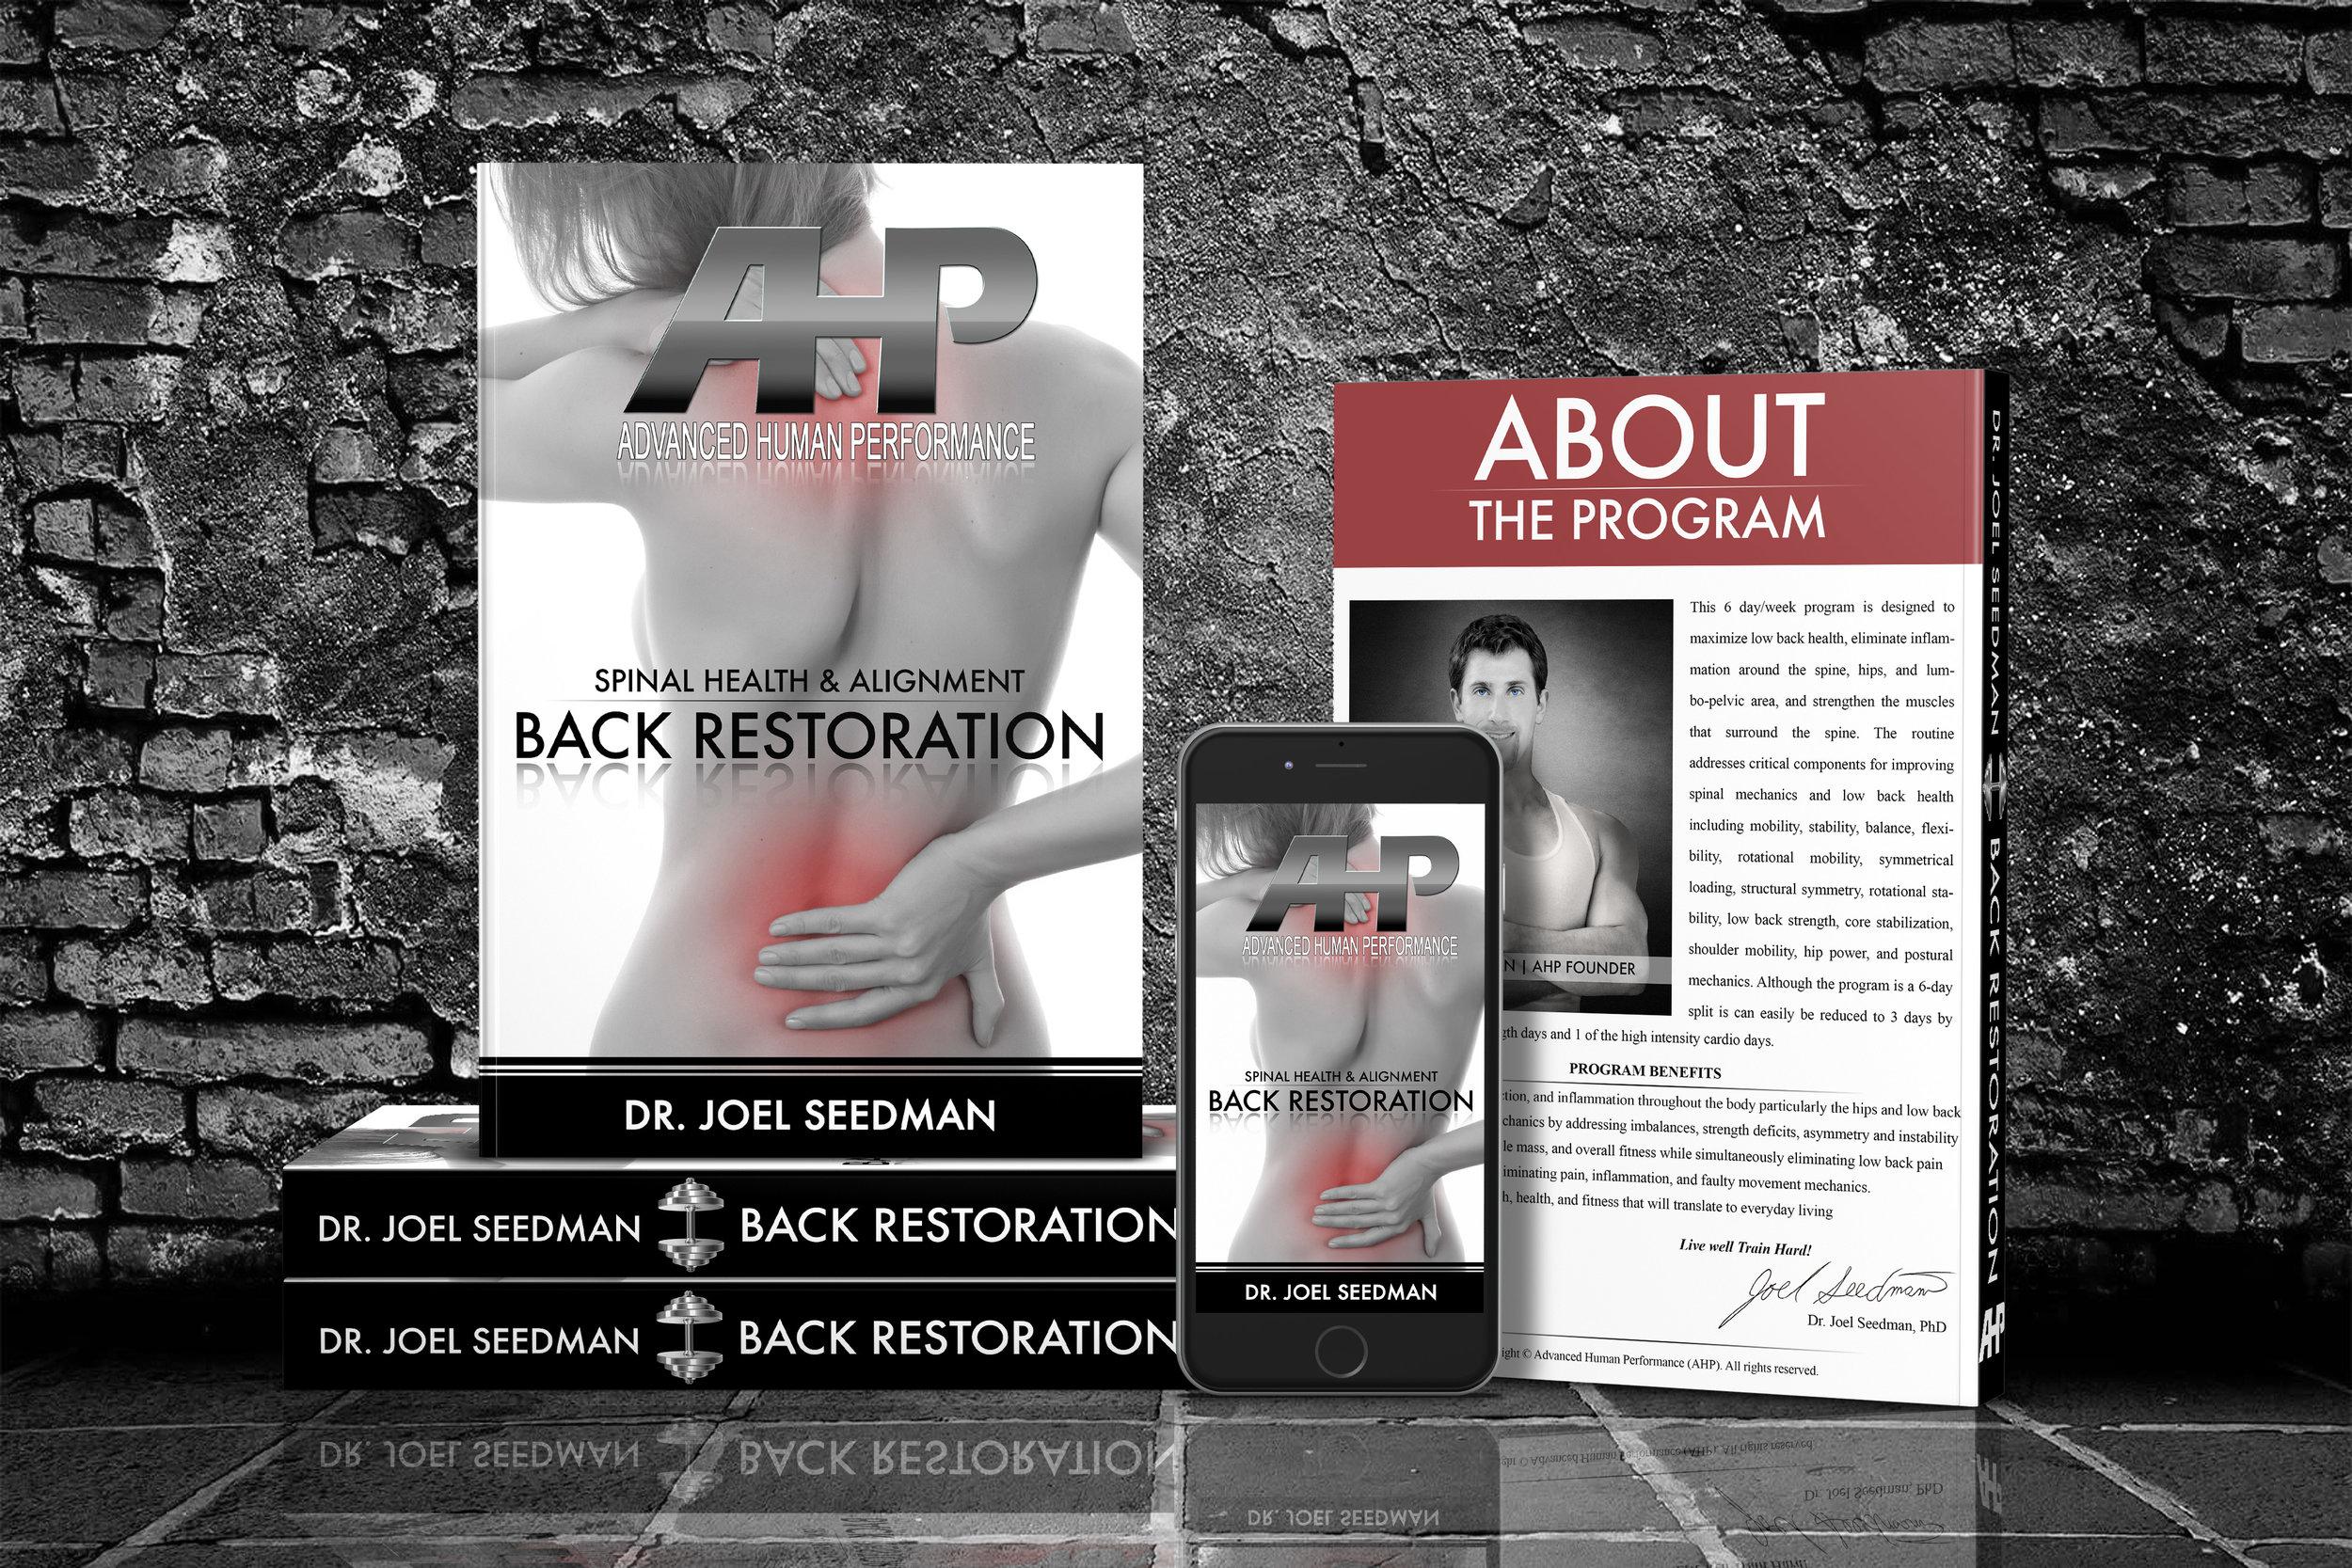 Spine Health & Back Restoration Program